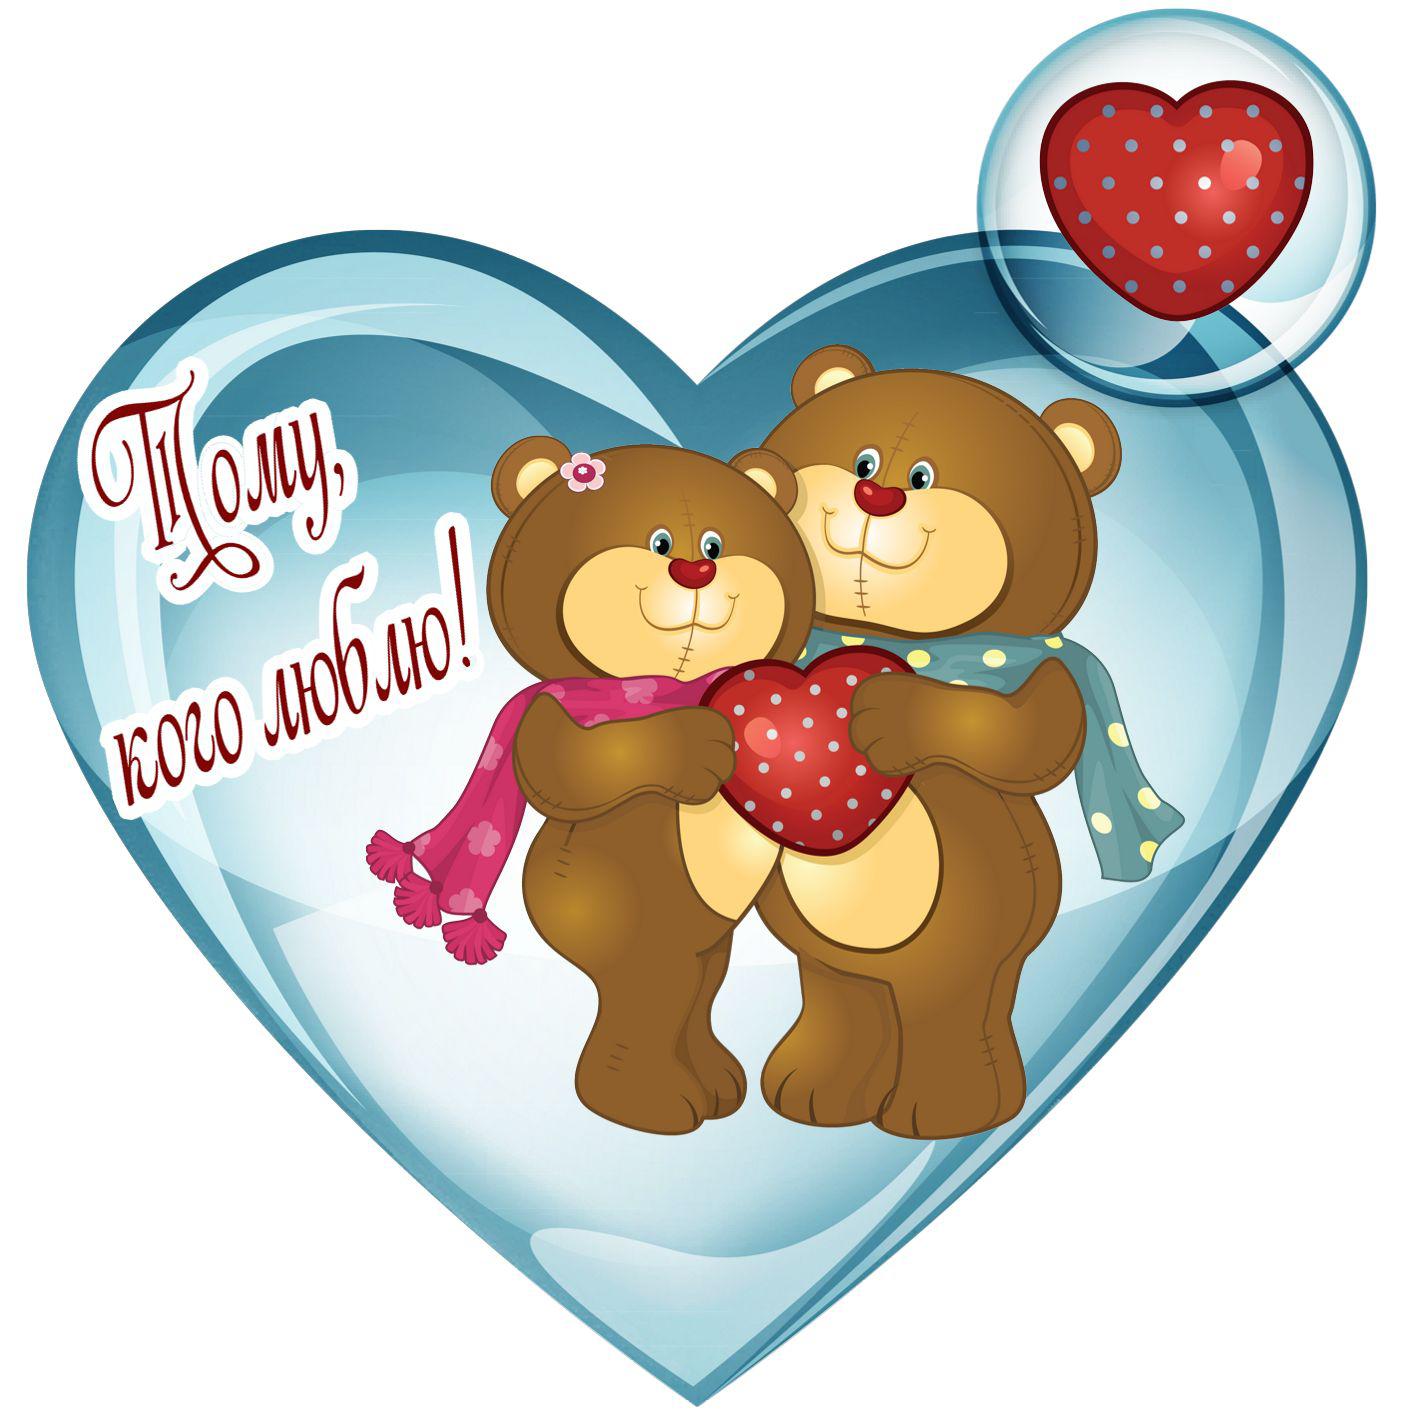 Валентинки своими руками станут прекрасным и незабываемым подарком на 14 февраля для второй половинки